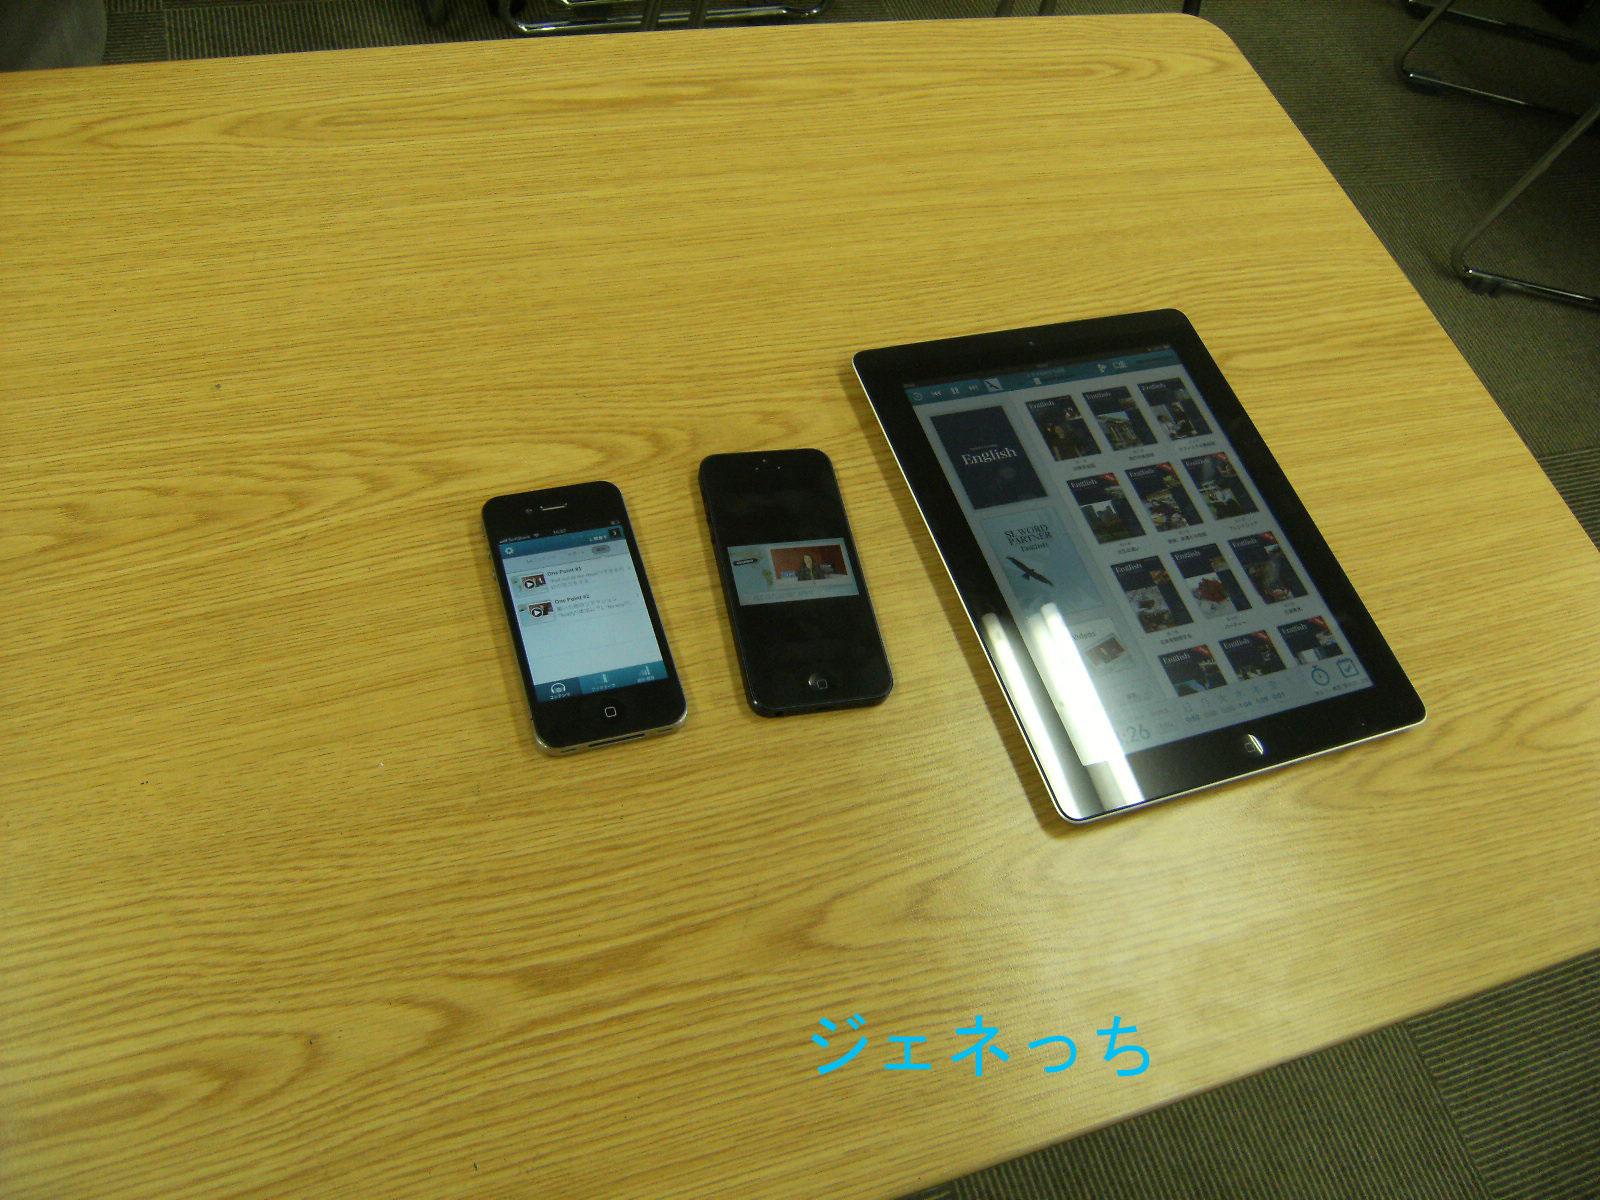 スピードラーニング英語の受講者特典、iPhoneに続いてこのたびiPadも無料アプリ開始しました。